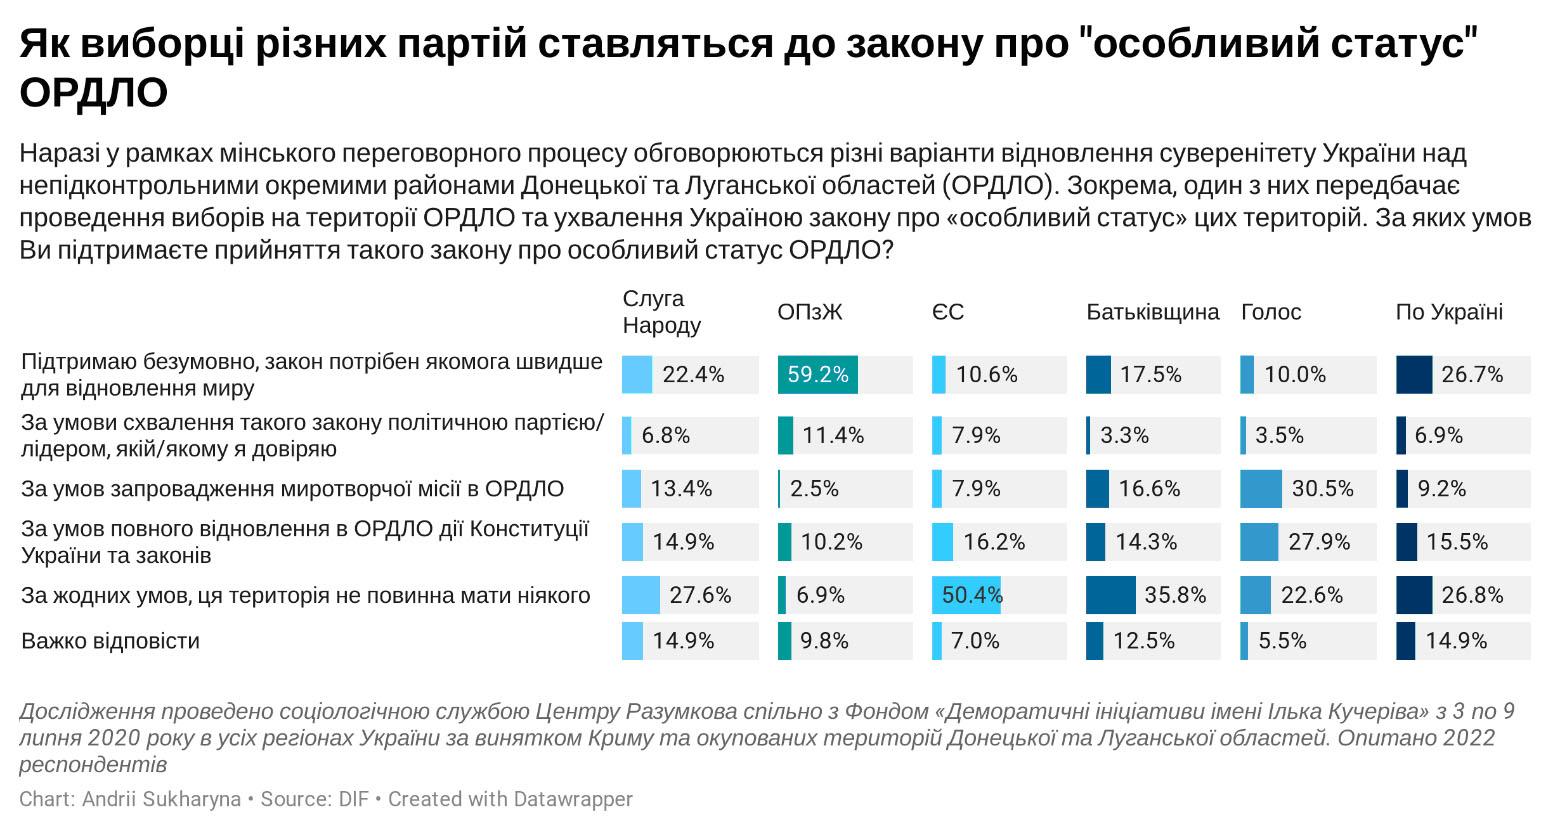 Соціологи назвали умову, за якої українці підтримають ухвалення закону про особливий статус Донбасу